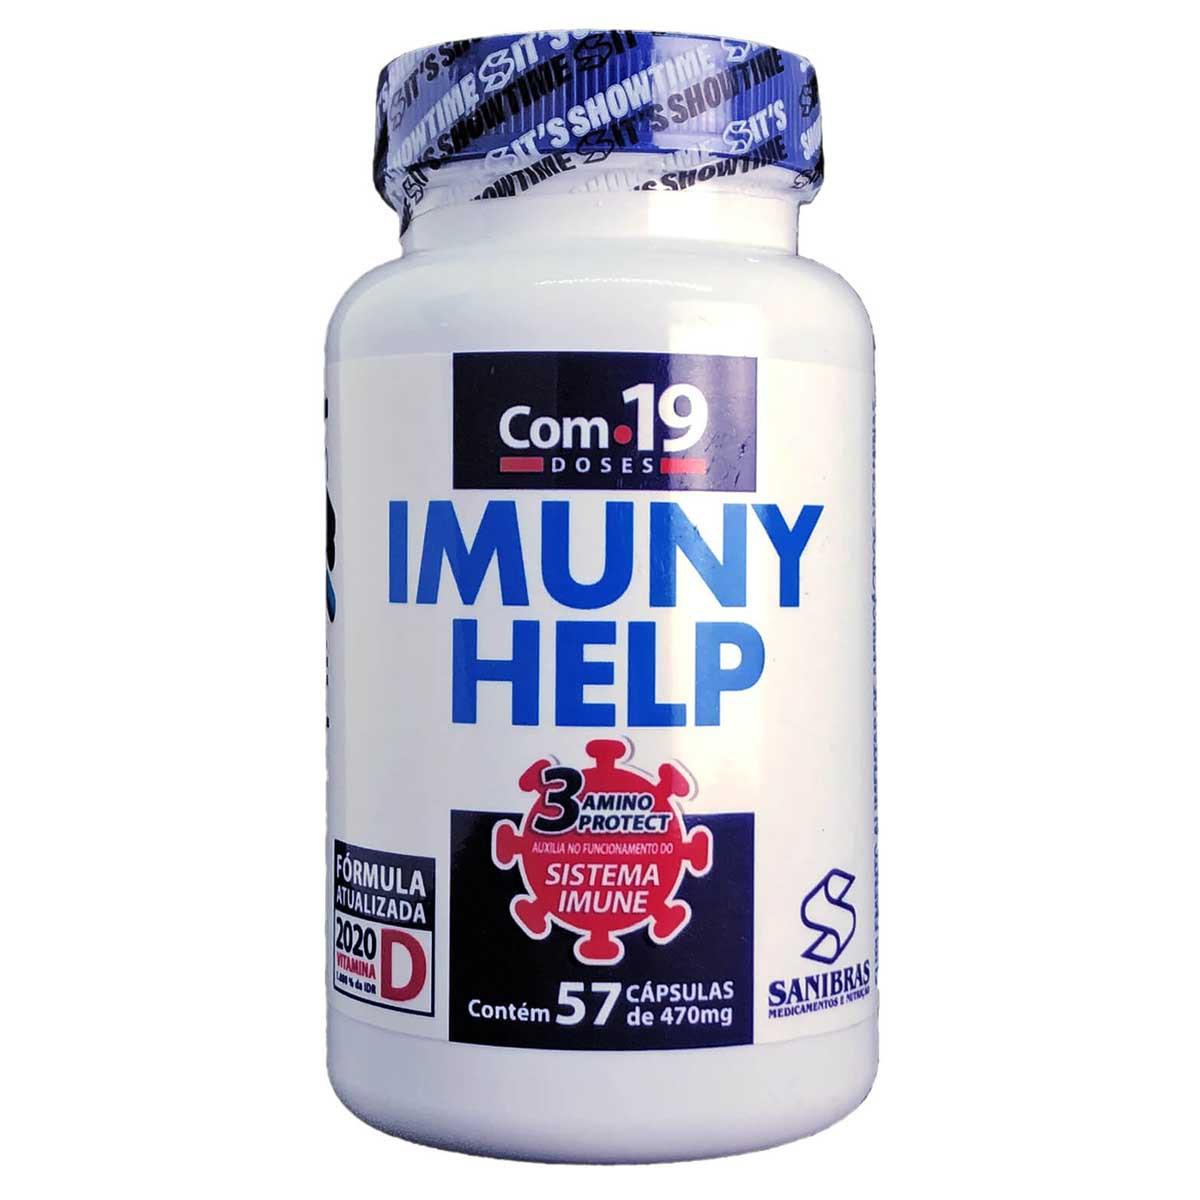 Imuny Help 57 cápsulas - Sanibras